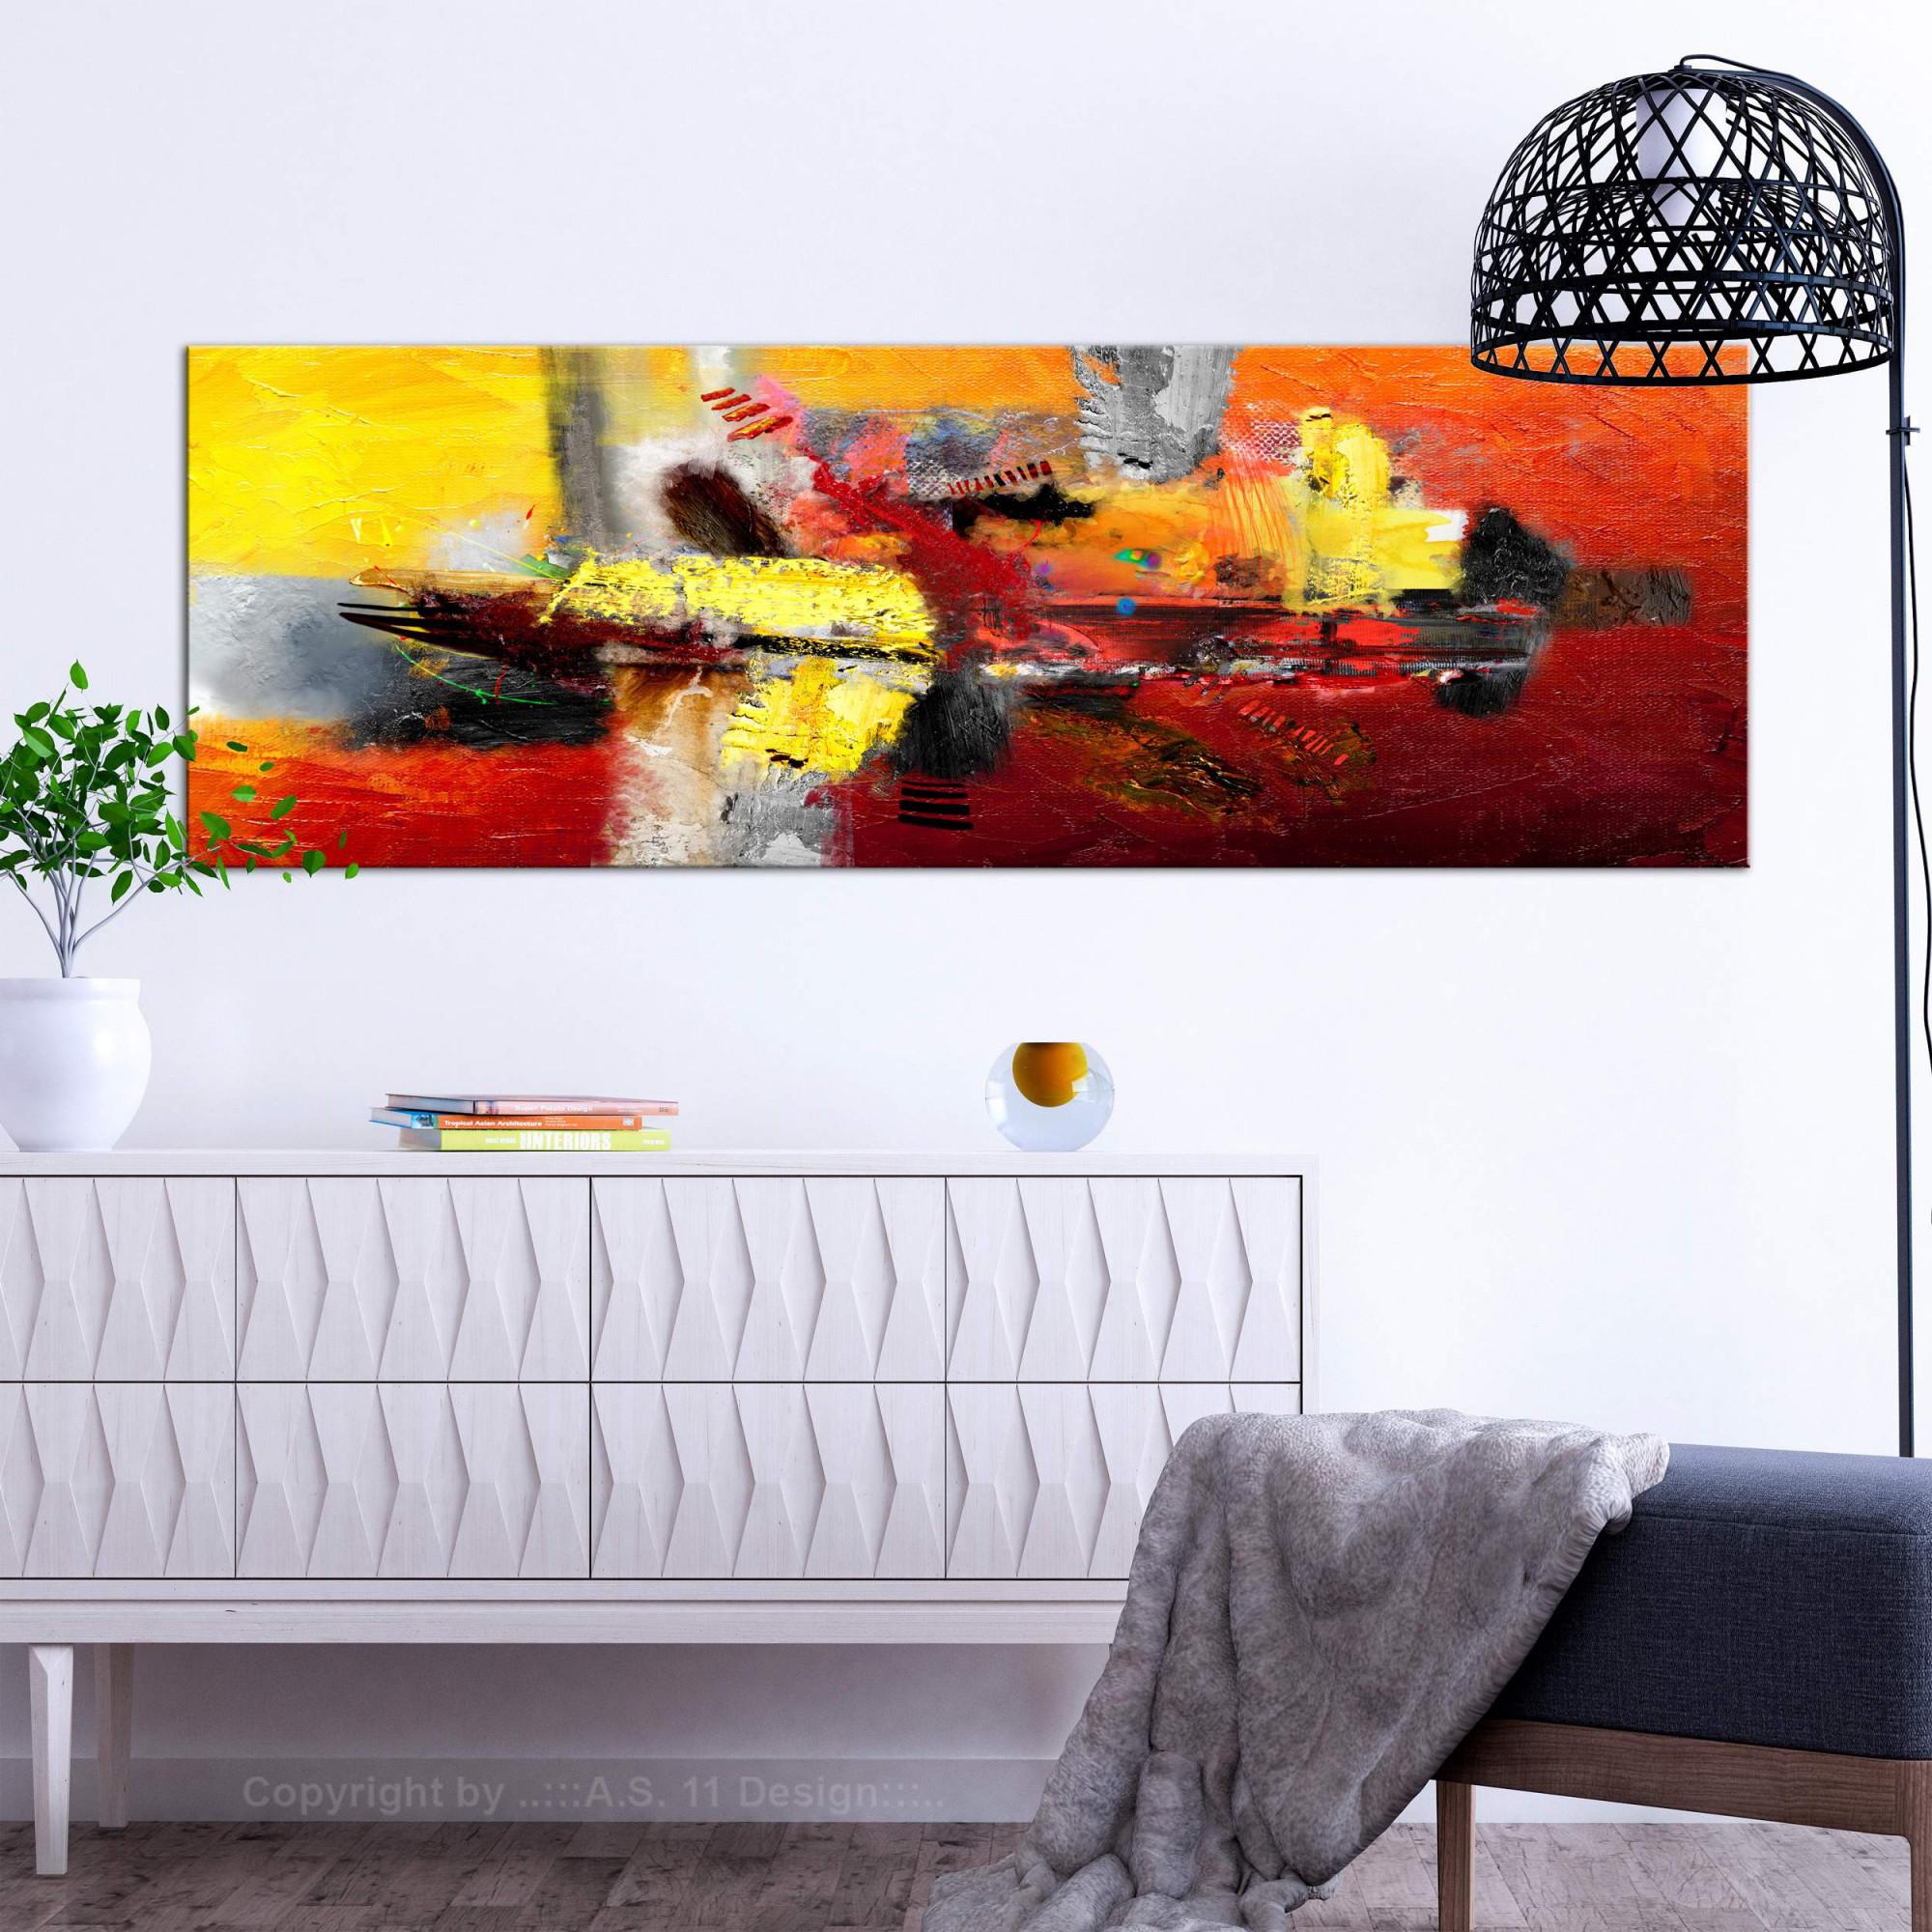 40 Elegant Bilder Wohnzimmer Abstrakt Schön  Wohnzimmer Frisch von Wohnzimmer Bilder Abstrakt Bild